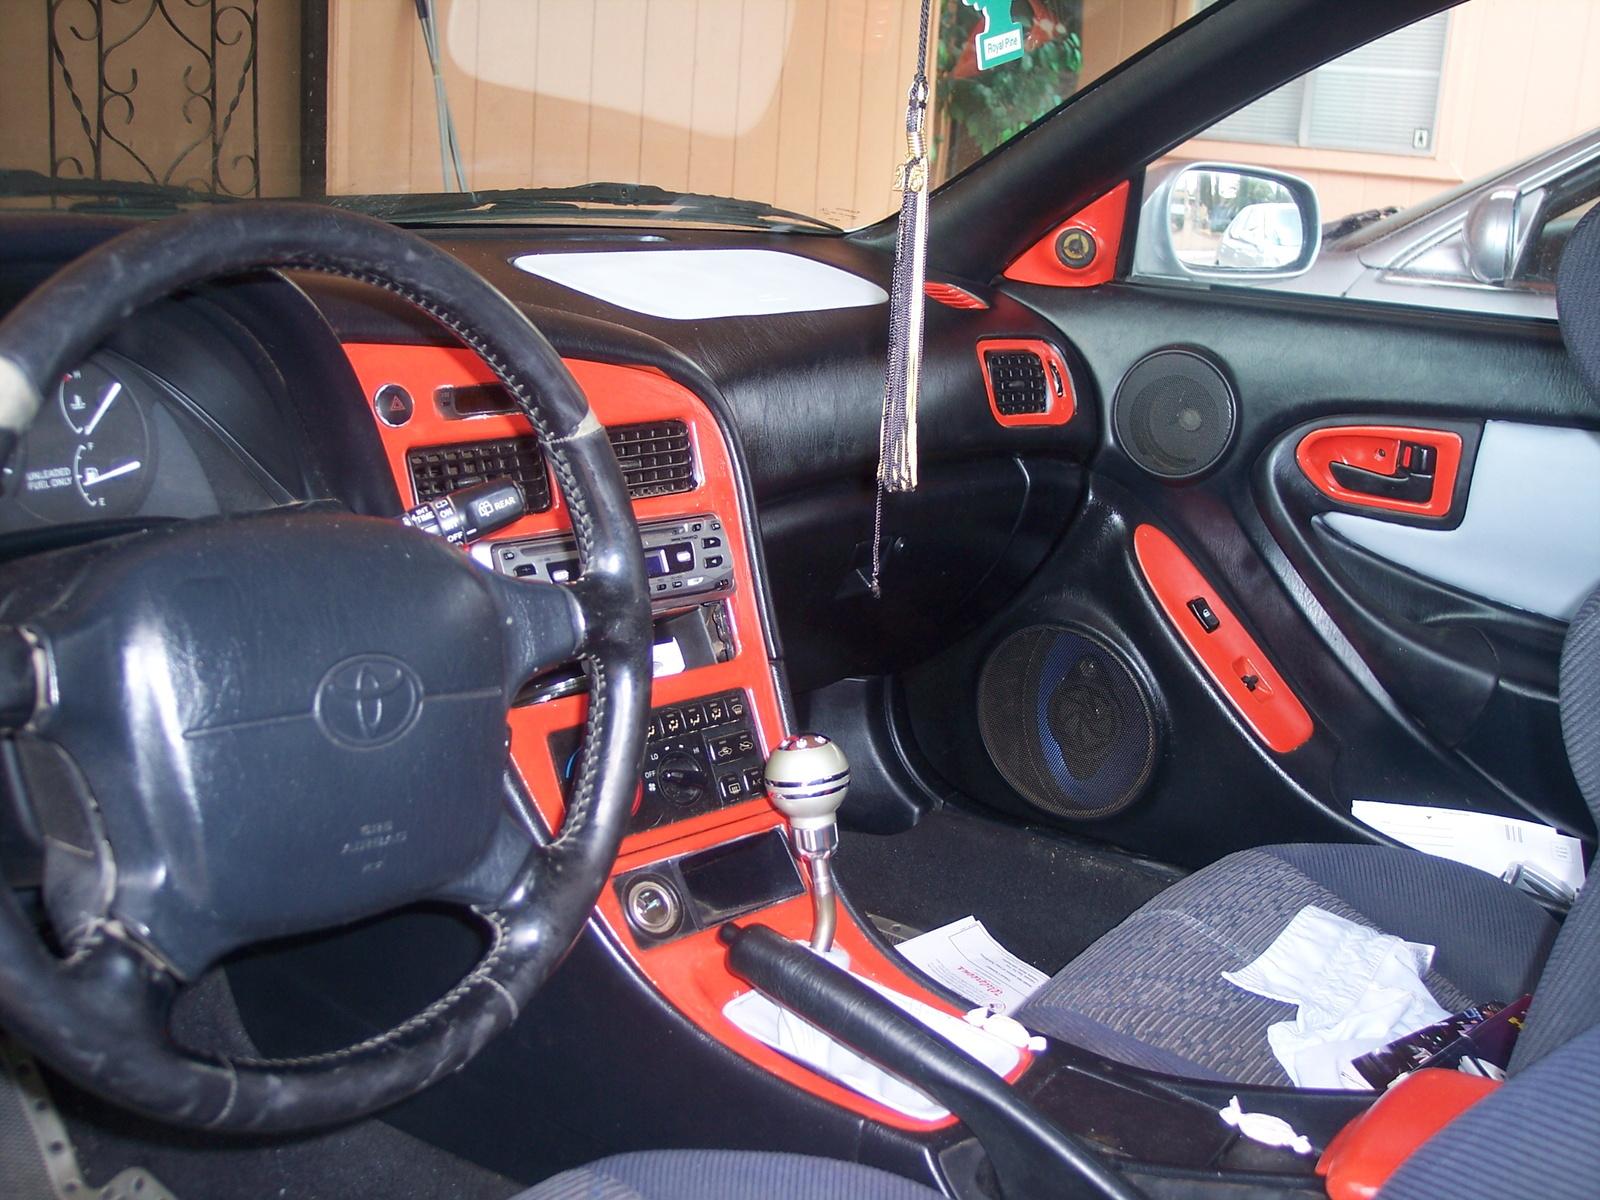 Toyota Celica Dr Gt Hatchback Pic